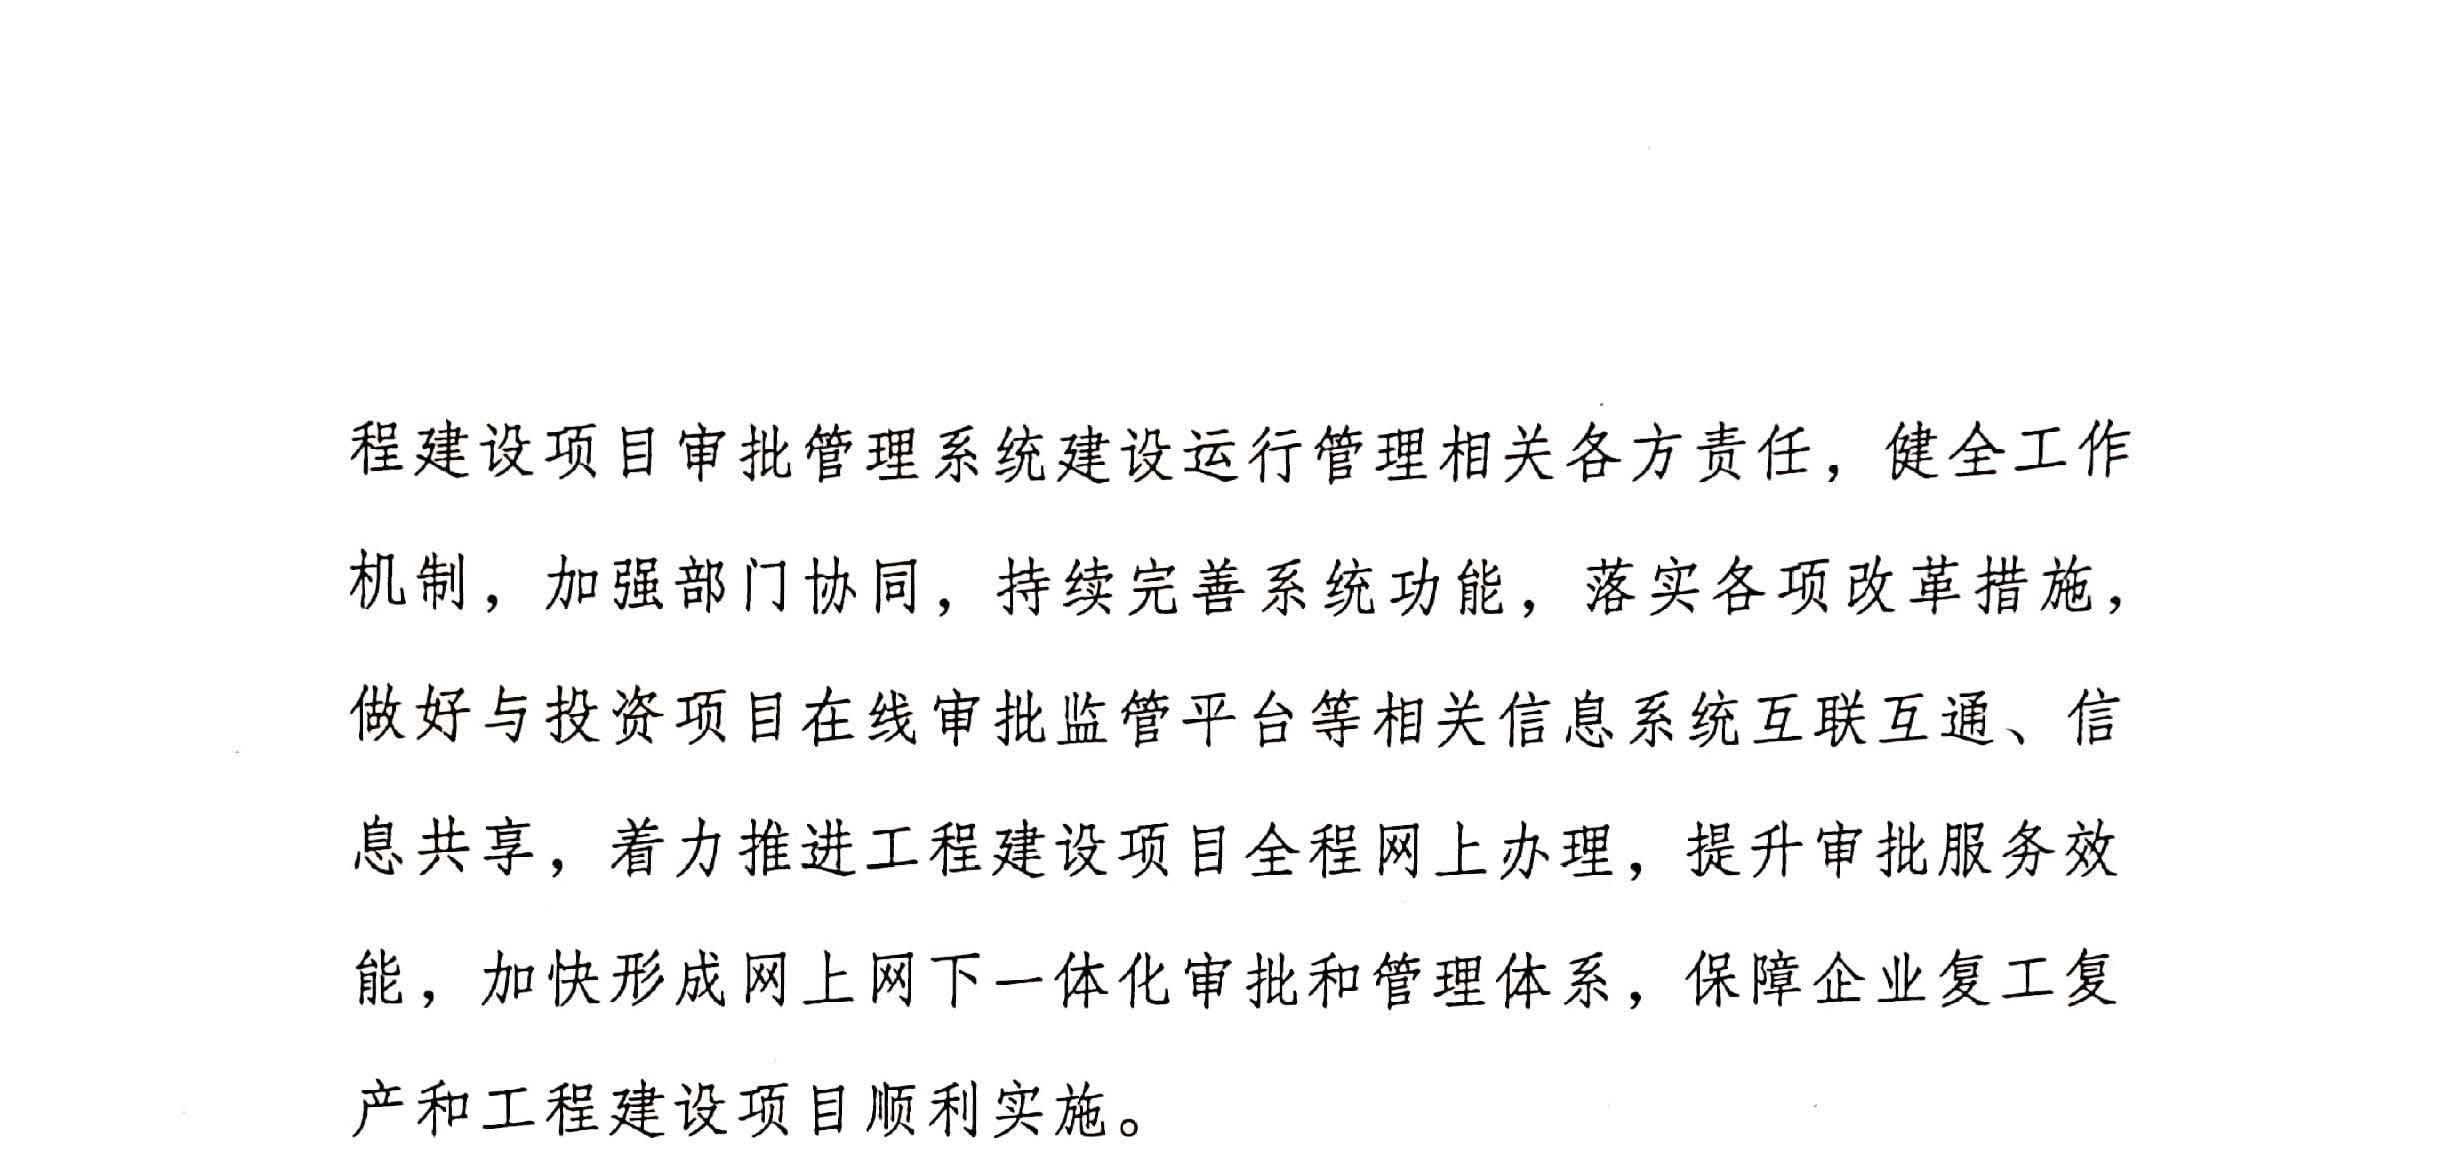 住房和城乡建设部关于印发《工程建设项目审批管理系统管理暂行办法的通知》(建办[2020]47号)_页面_02.jpg